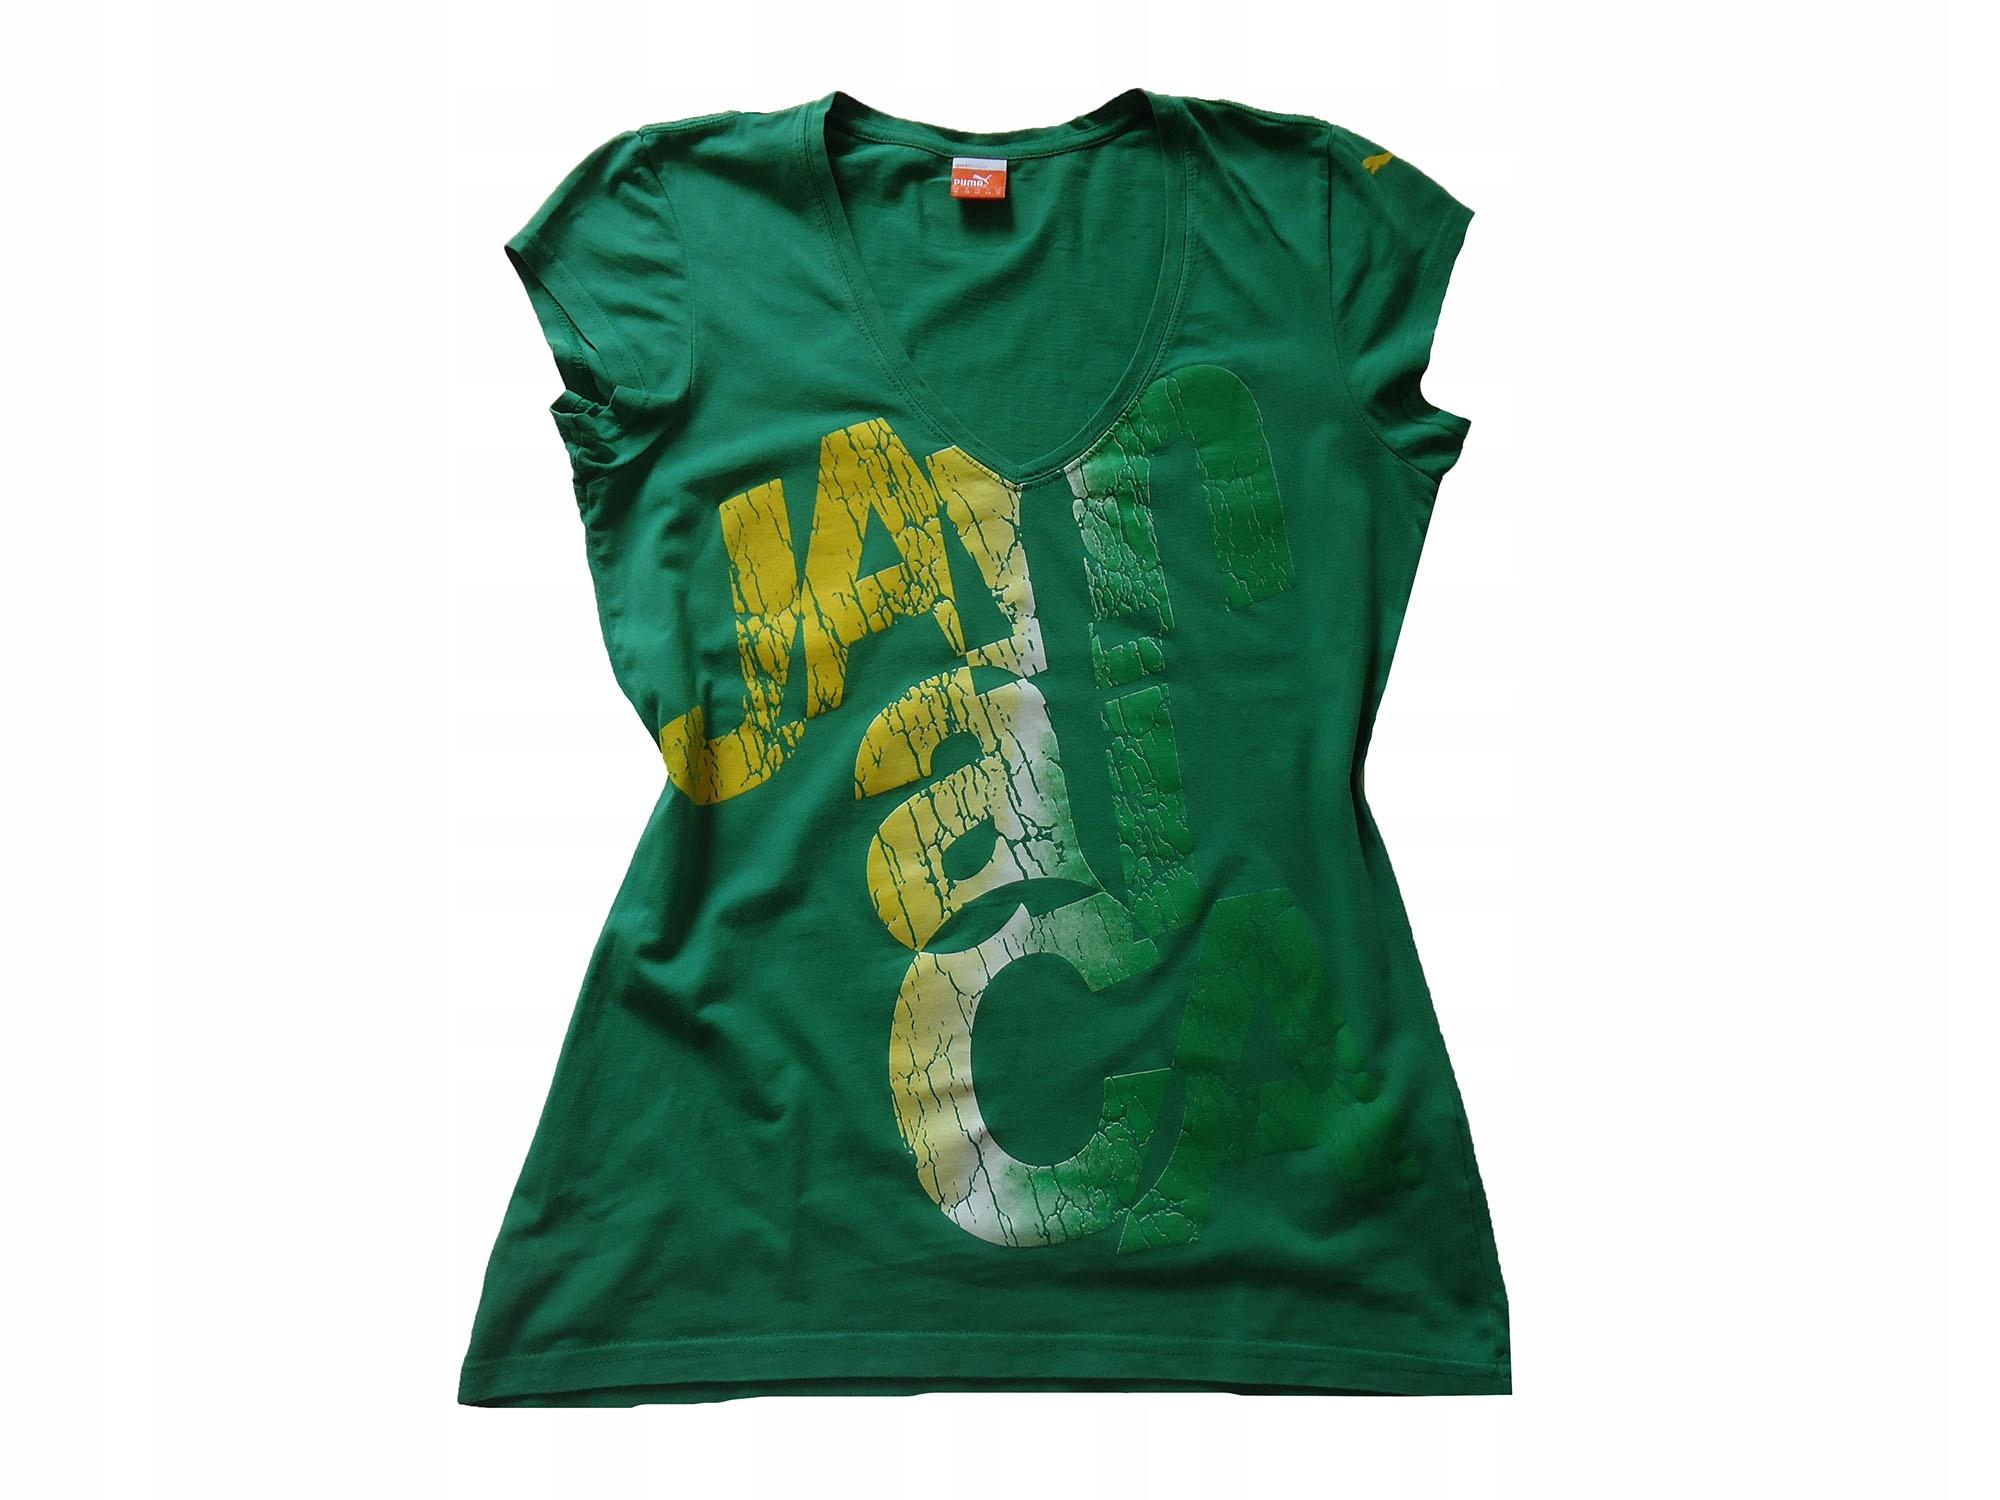 PUMA zielony bawełniany t-shirt 40 JAMAICA